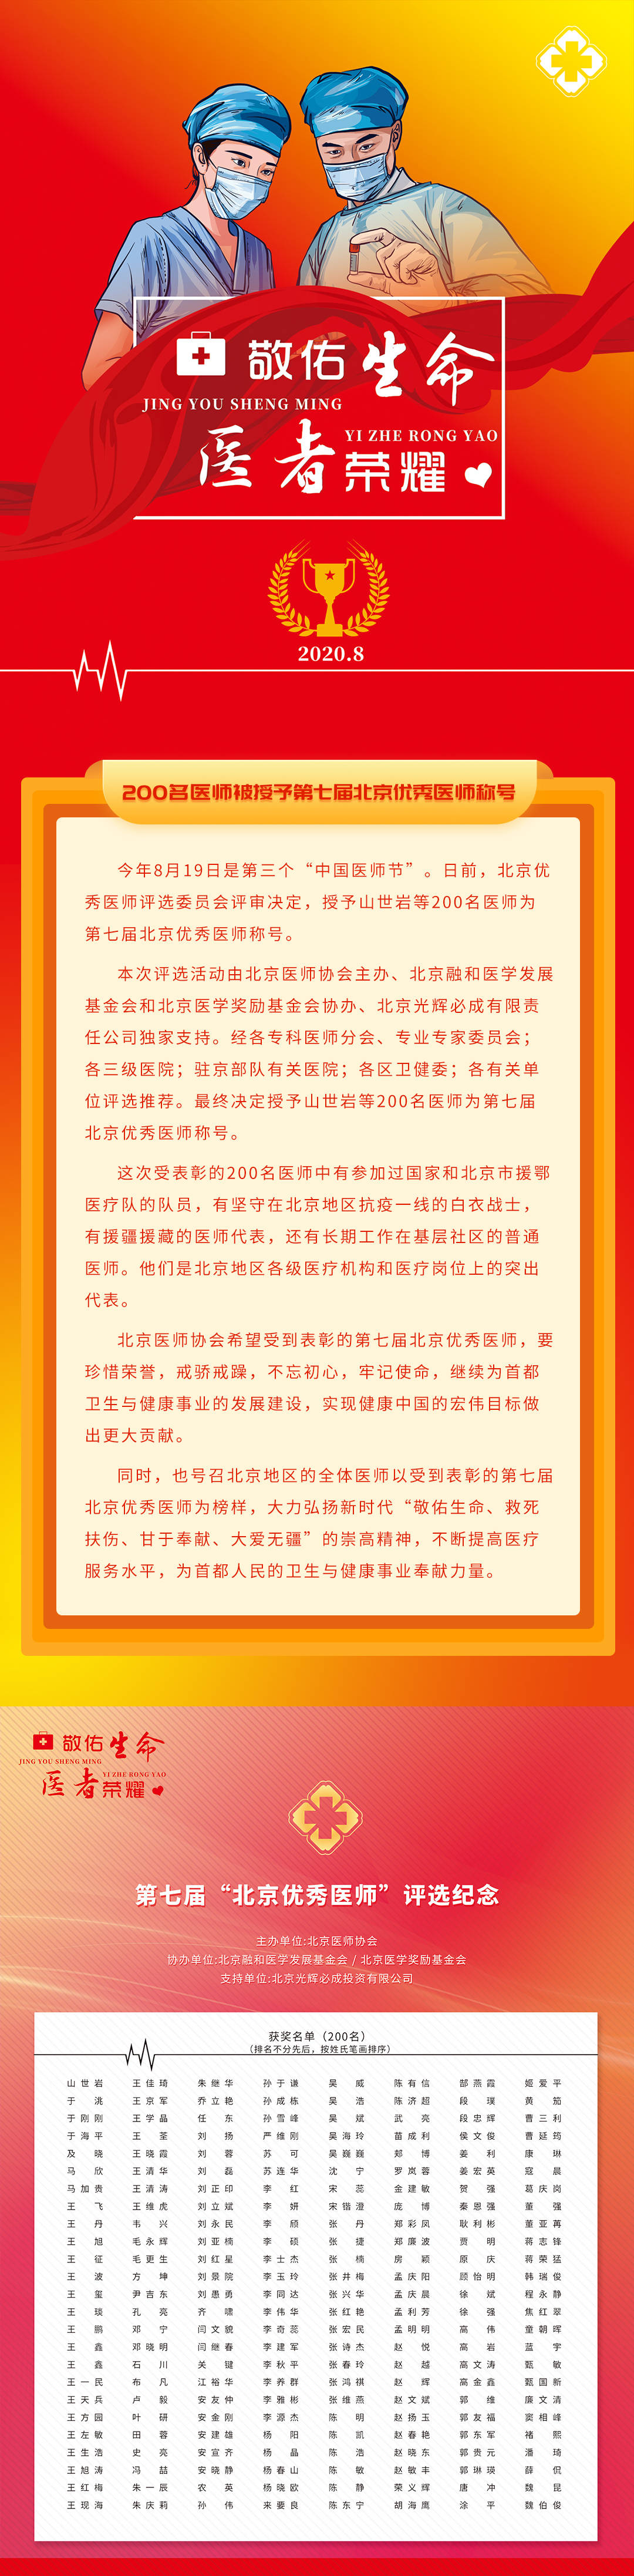 200名医师被授予第七届北京优秀医师称号